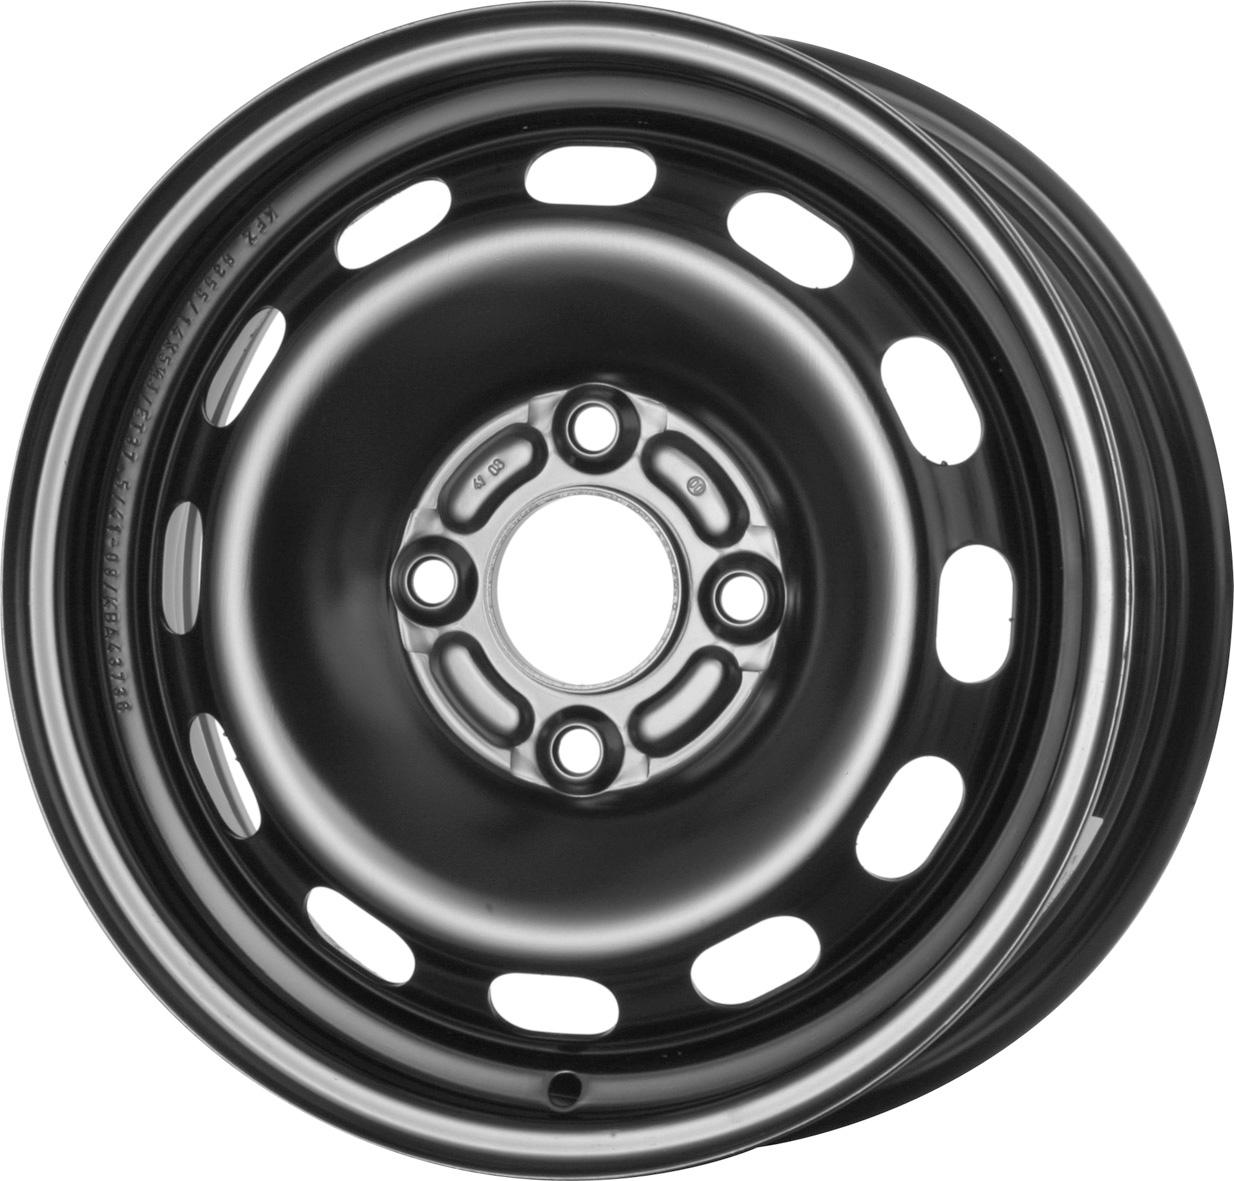 Vorschau: 14″ Stahlrad Sommer für Ford Fiesta 1.25 (JR8) Kumho KH27 175/65 R14 82T